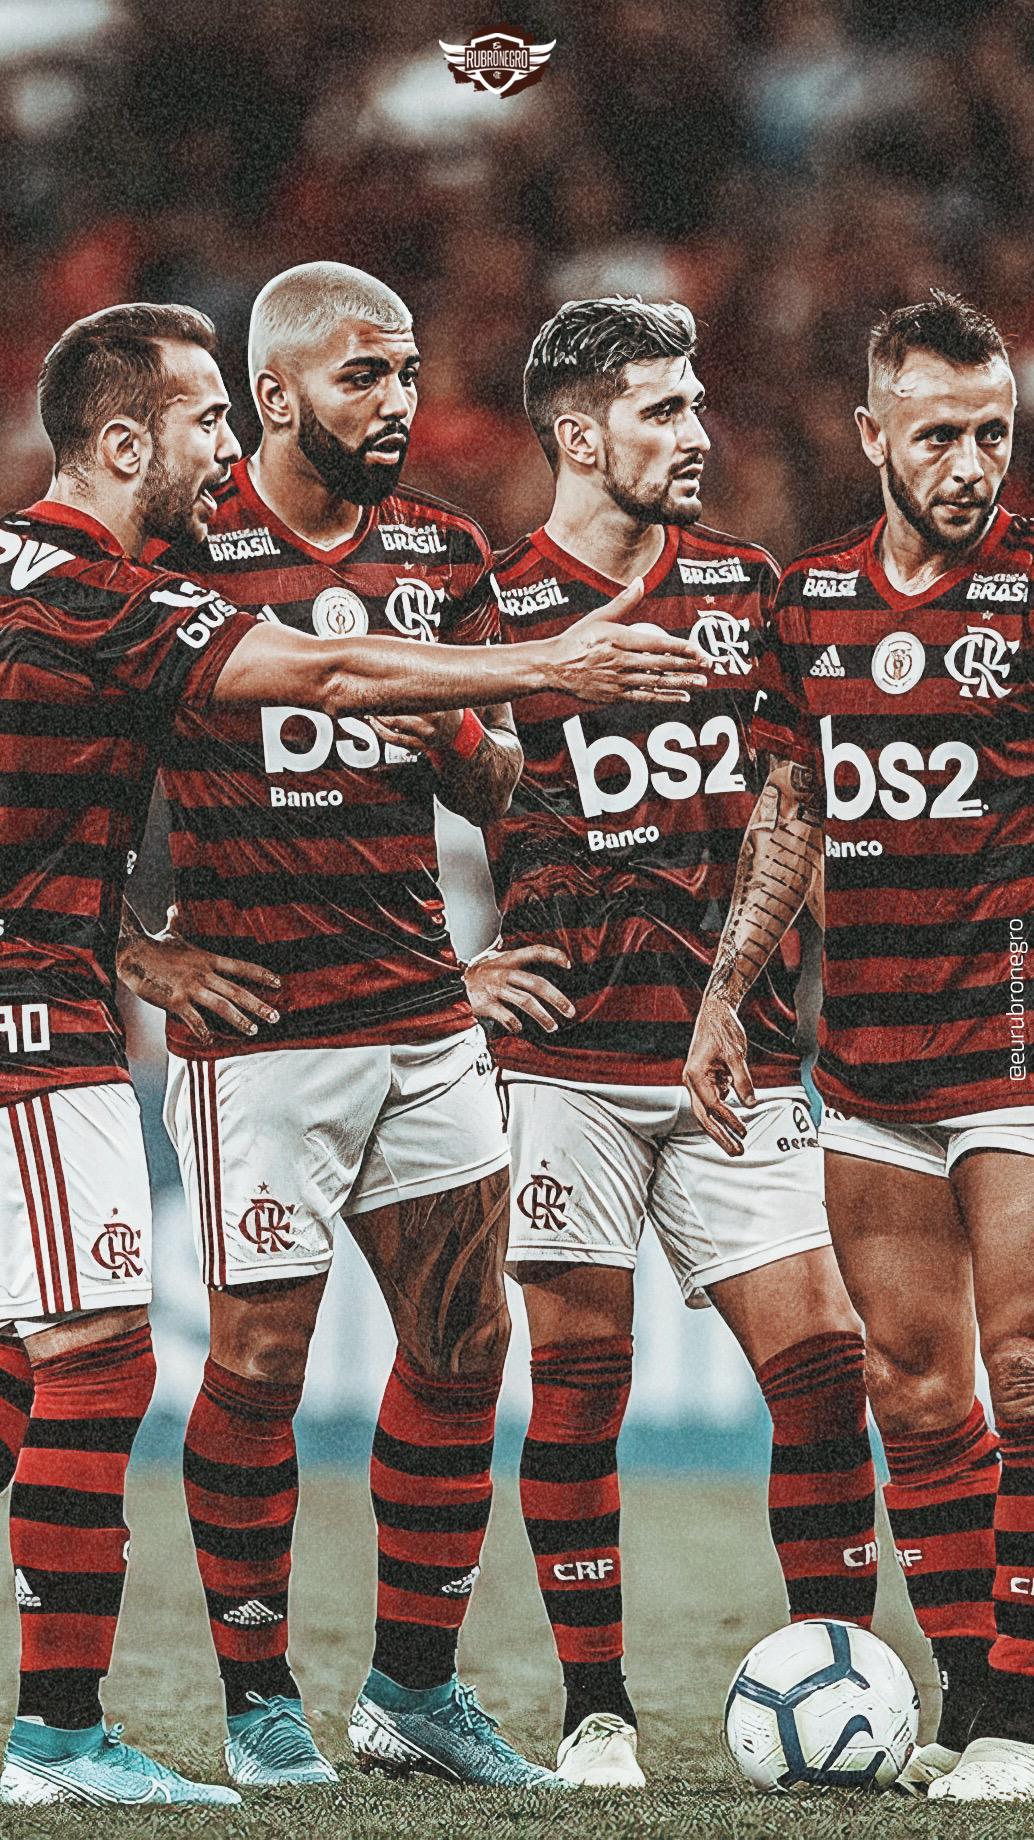 Pin De Myh Silva Em Flamengo Rafinha Flamengo Flamengo